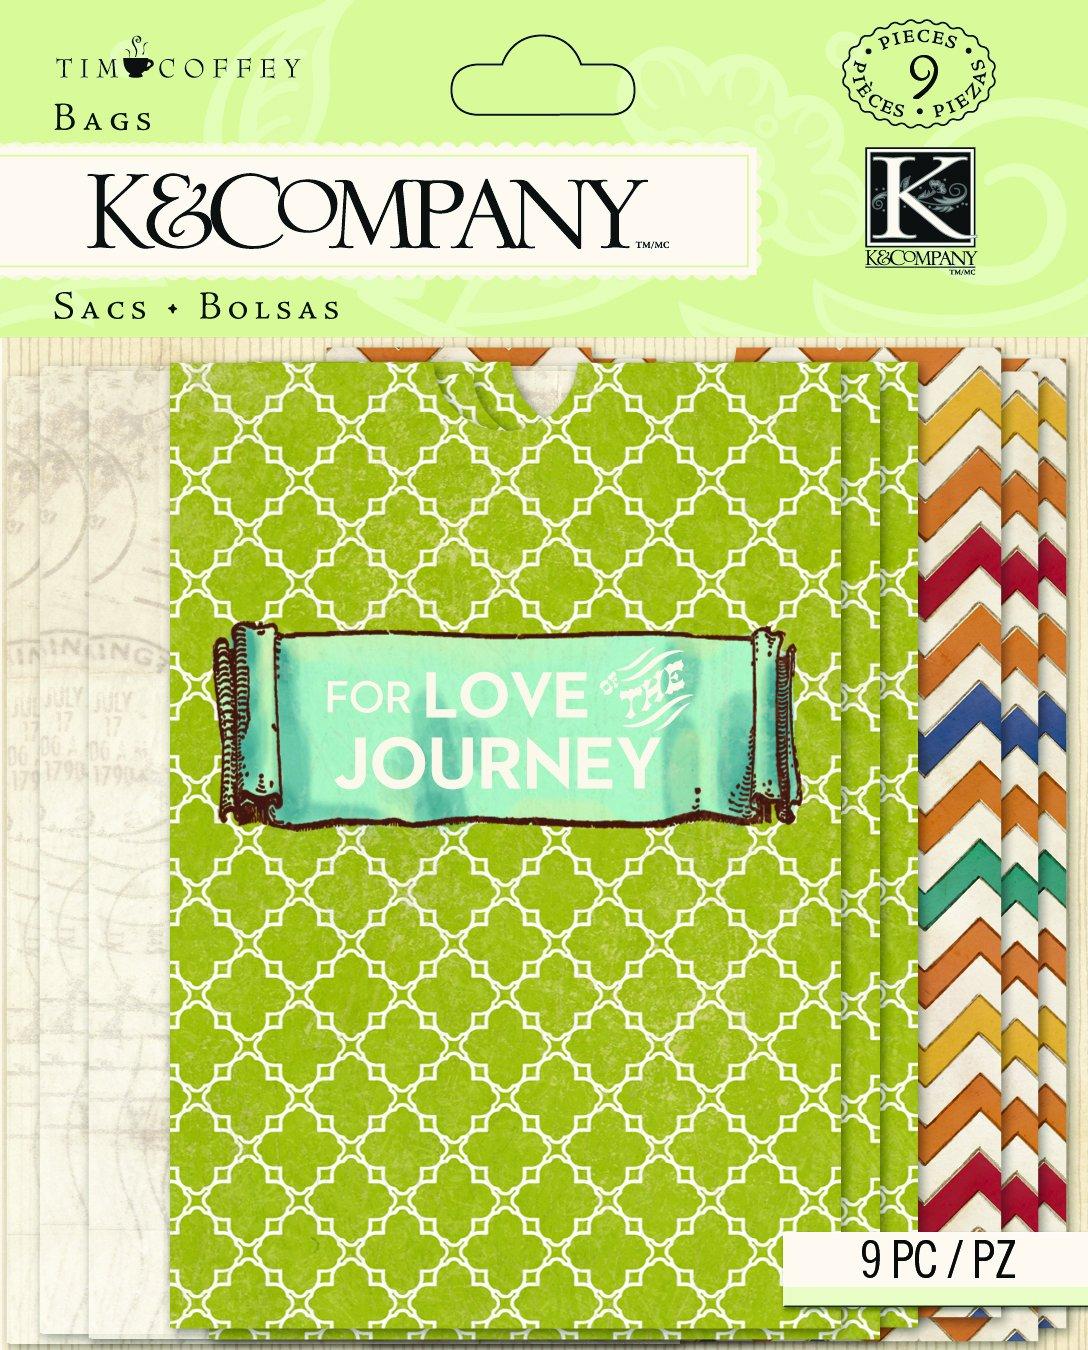 Unbekannt K K K & Company Taschen, Tim Coffey Travel Mini Bedruckt B00HEIQSOI   Modernes Design  f2059d